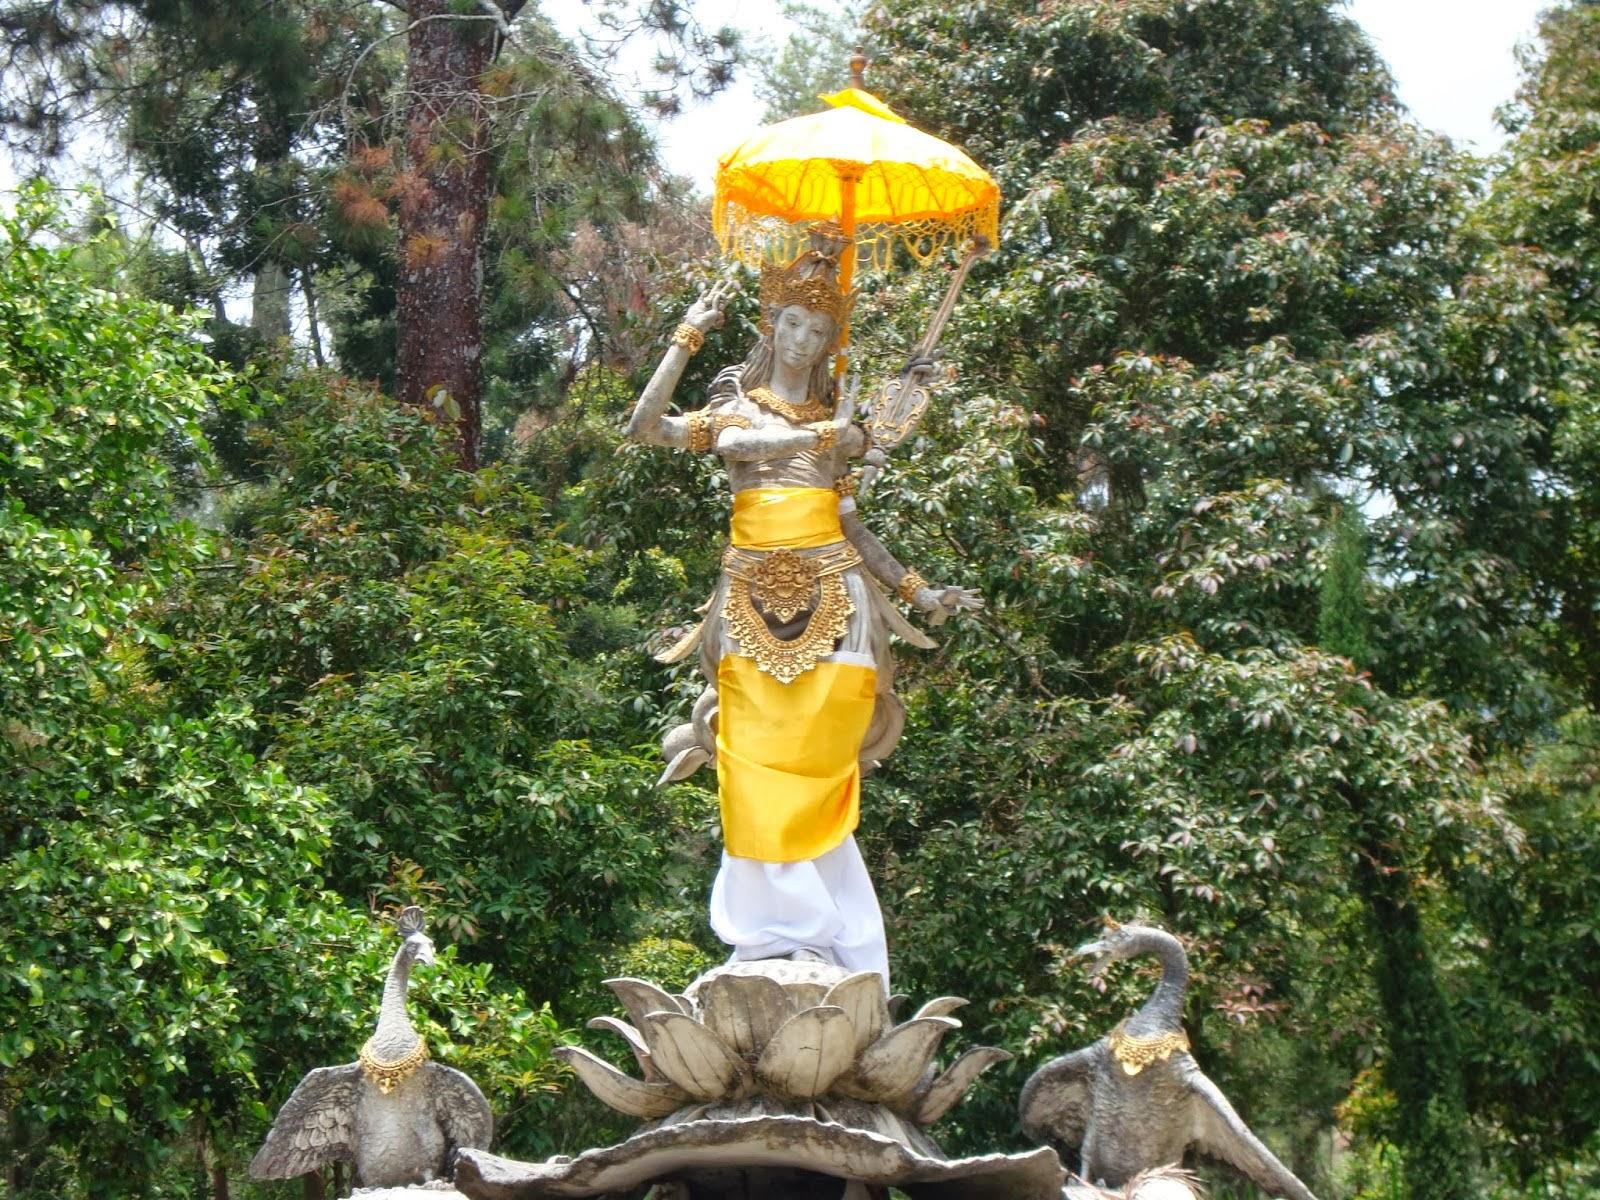 Wisata Alam Puri Taman Saraswati Karanganyar Kab